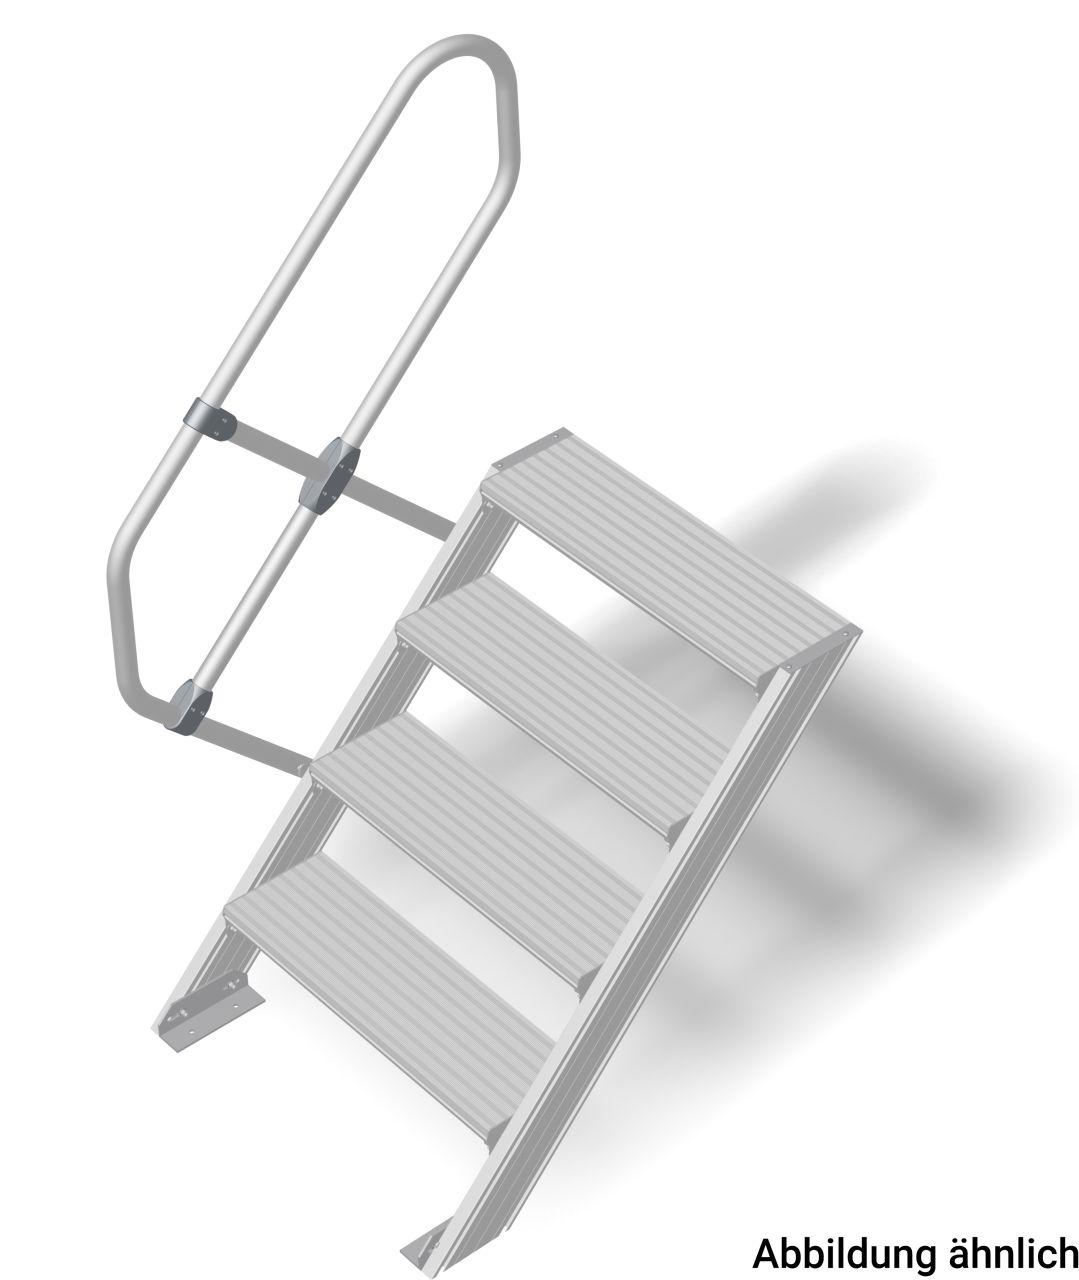 Трап алюминиевый. Наклон 45°. Ширина ступеней 600 мм. Прочный алюминиевый трап в соответствии с DIN EN ISO 14122.